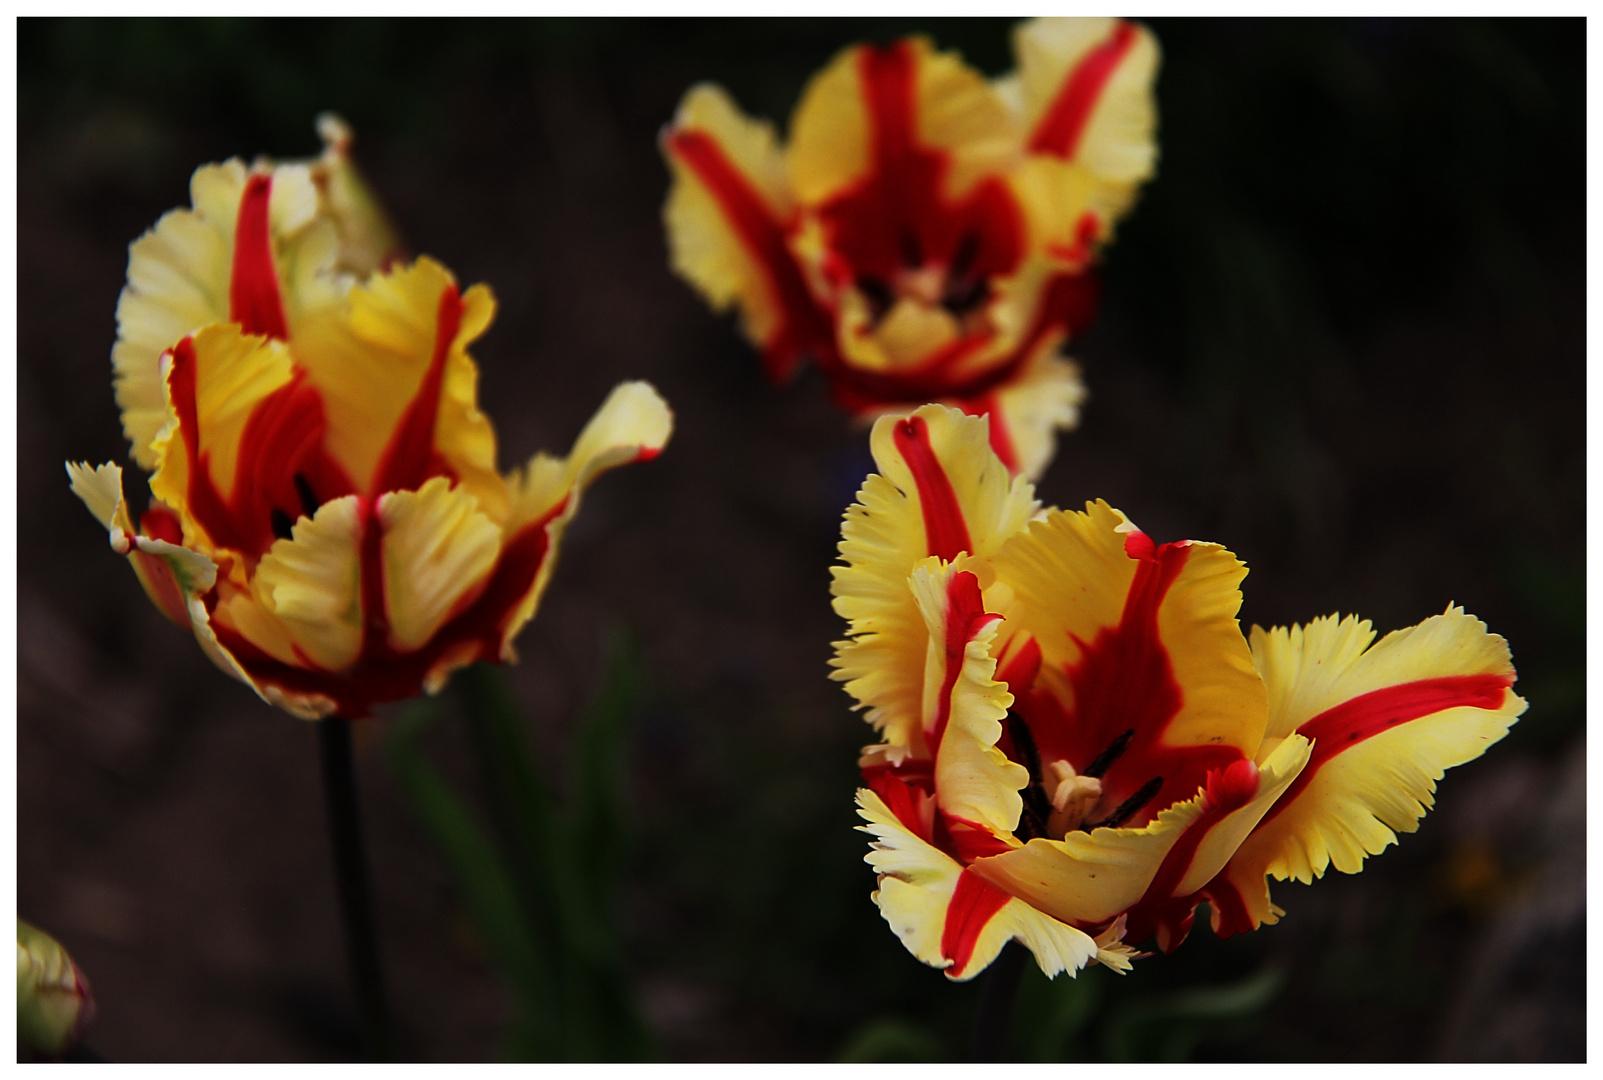 Tulpen protzen mit ihrer Farbenpracht deshalb schließen sie die Kelche bei Nacht!